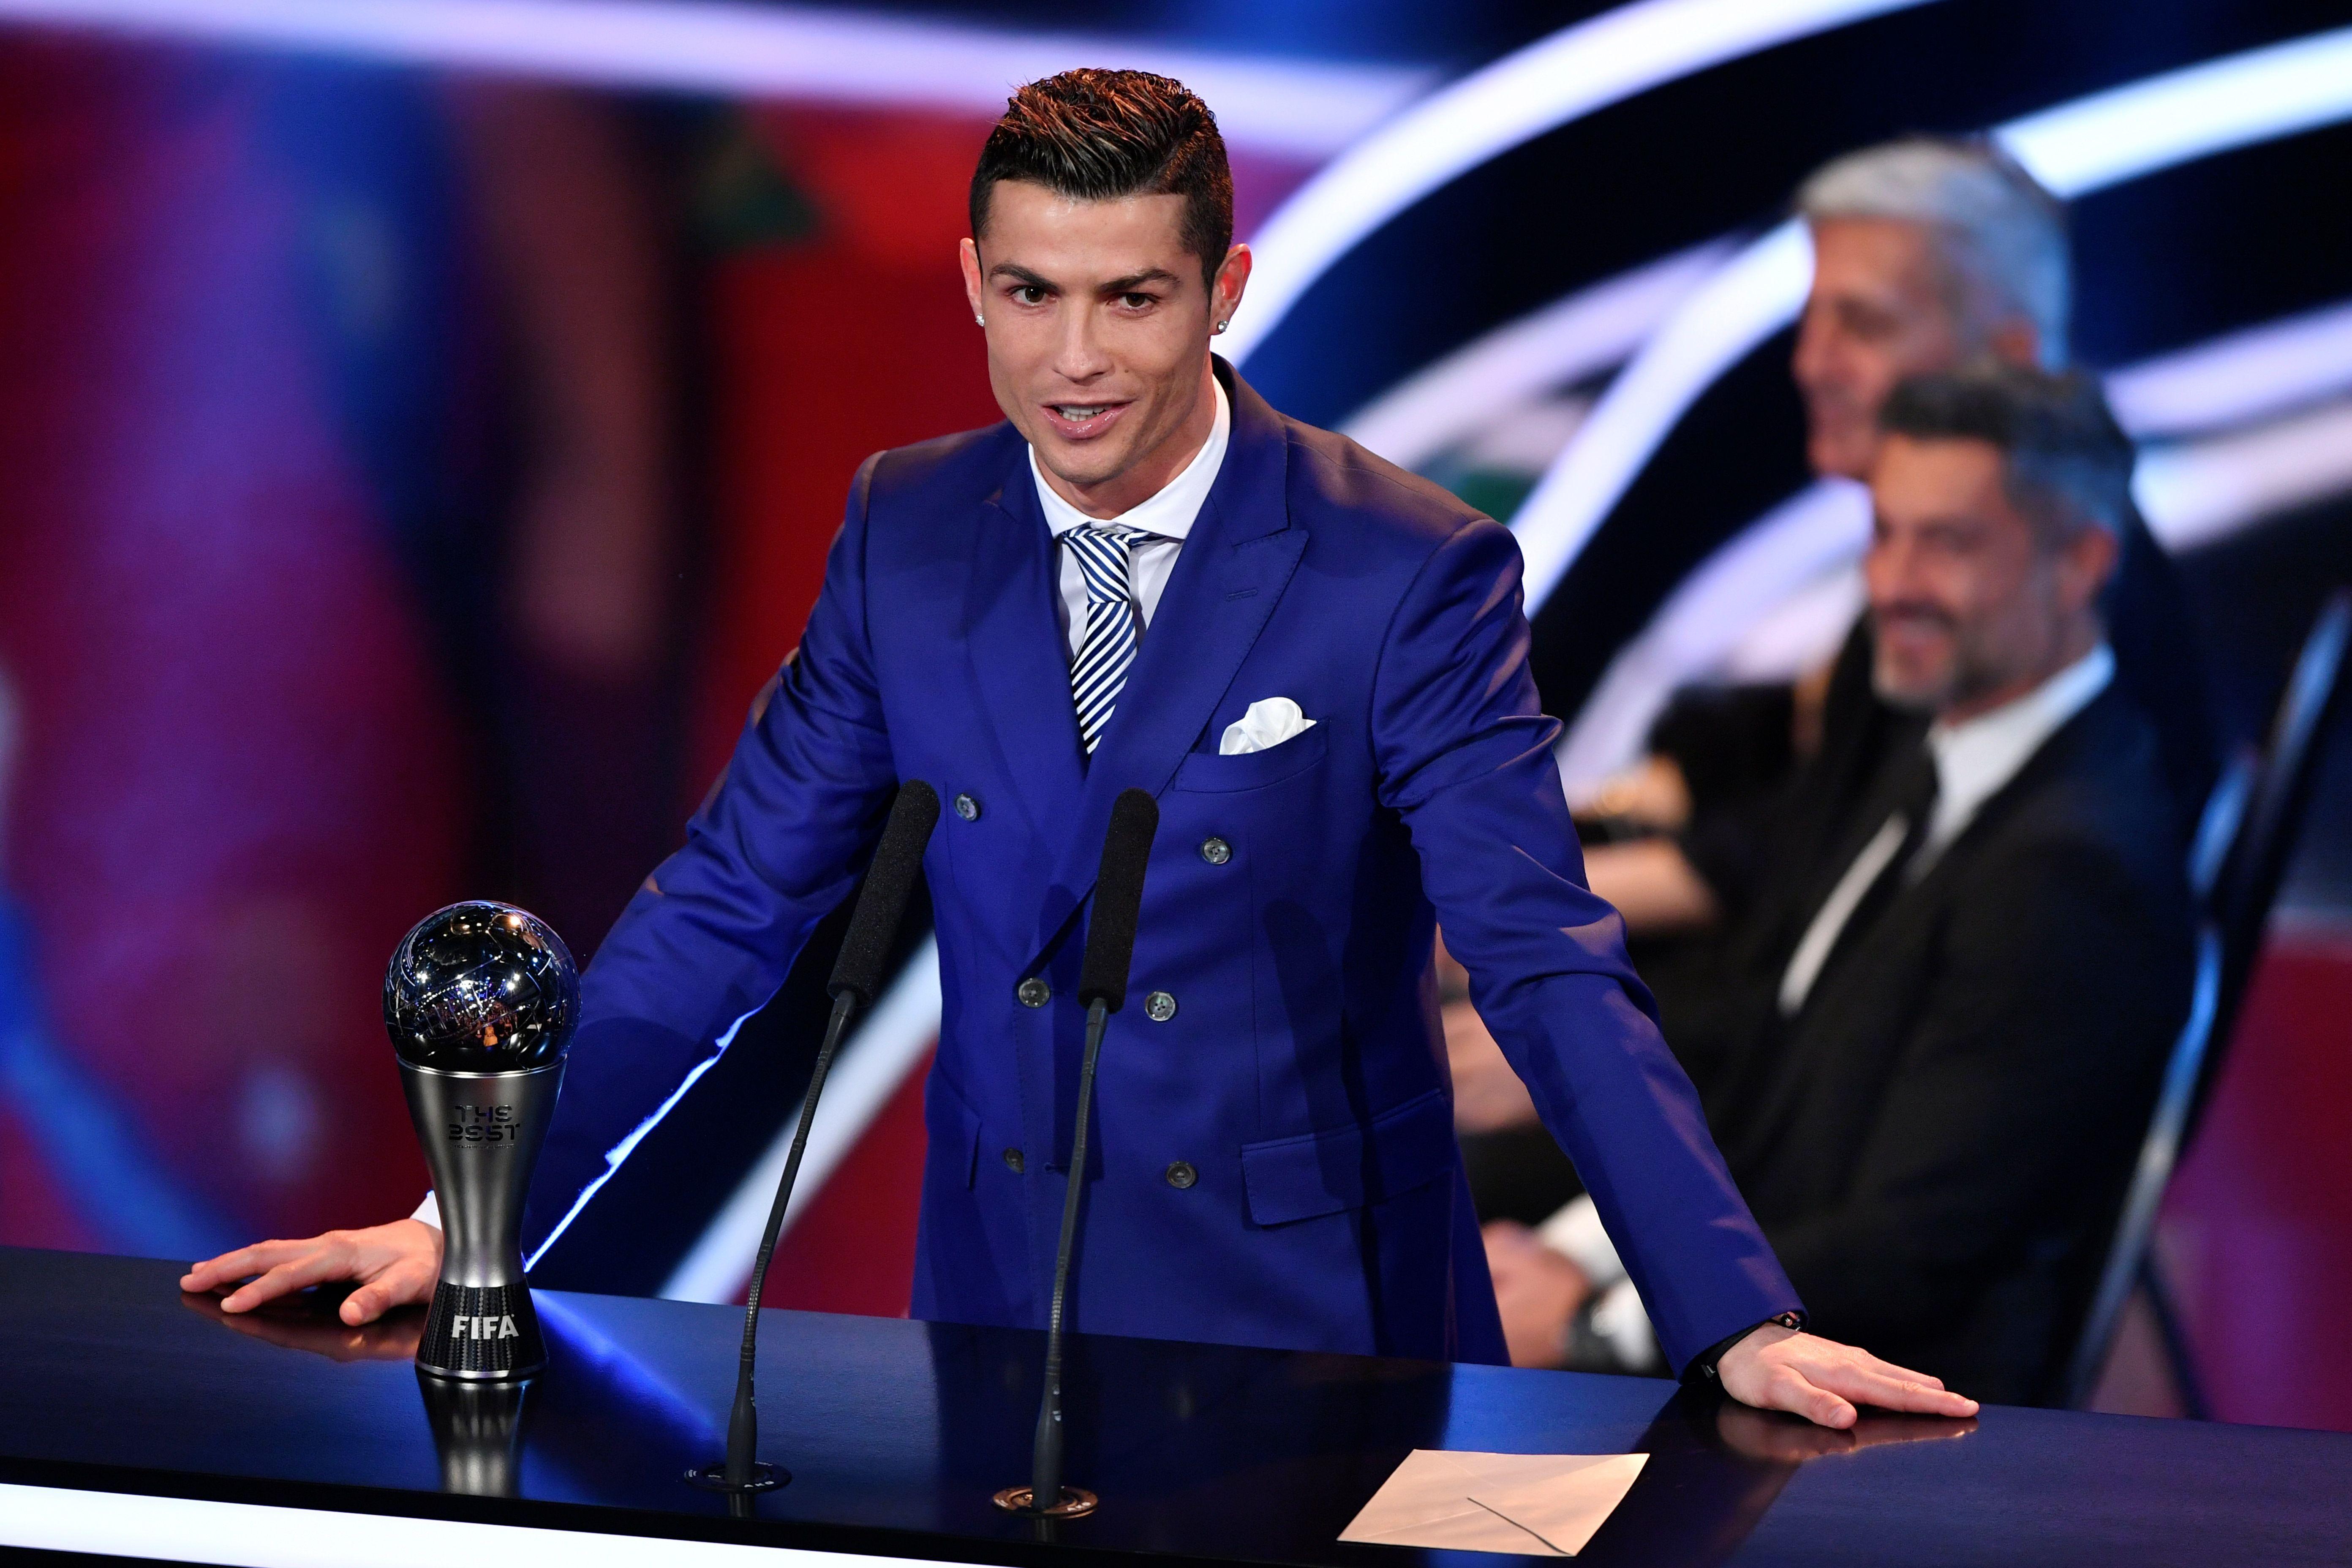 El portugués Cristiano Ronaldo al aceptar el premio al Mejor Jugador del año de la FIFA durante una ceremonia en Zurich (Suiza). (Crédito: FABRICE COFFRINI/AFP/Getty Images)